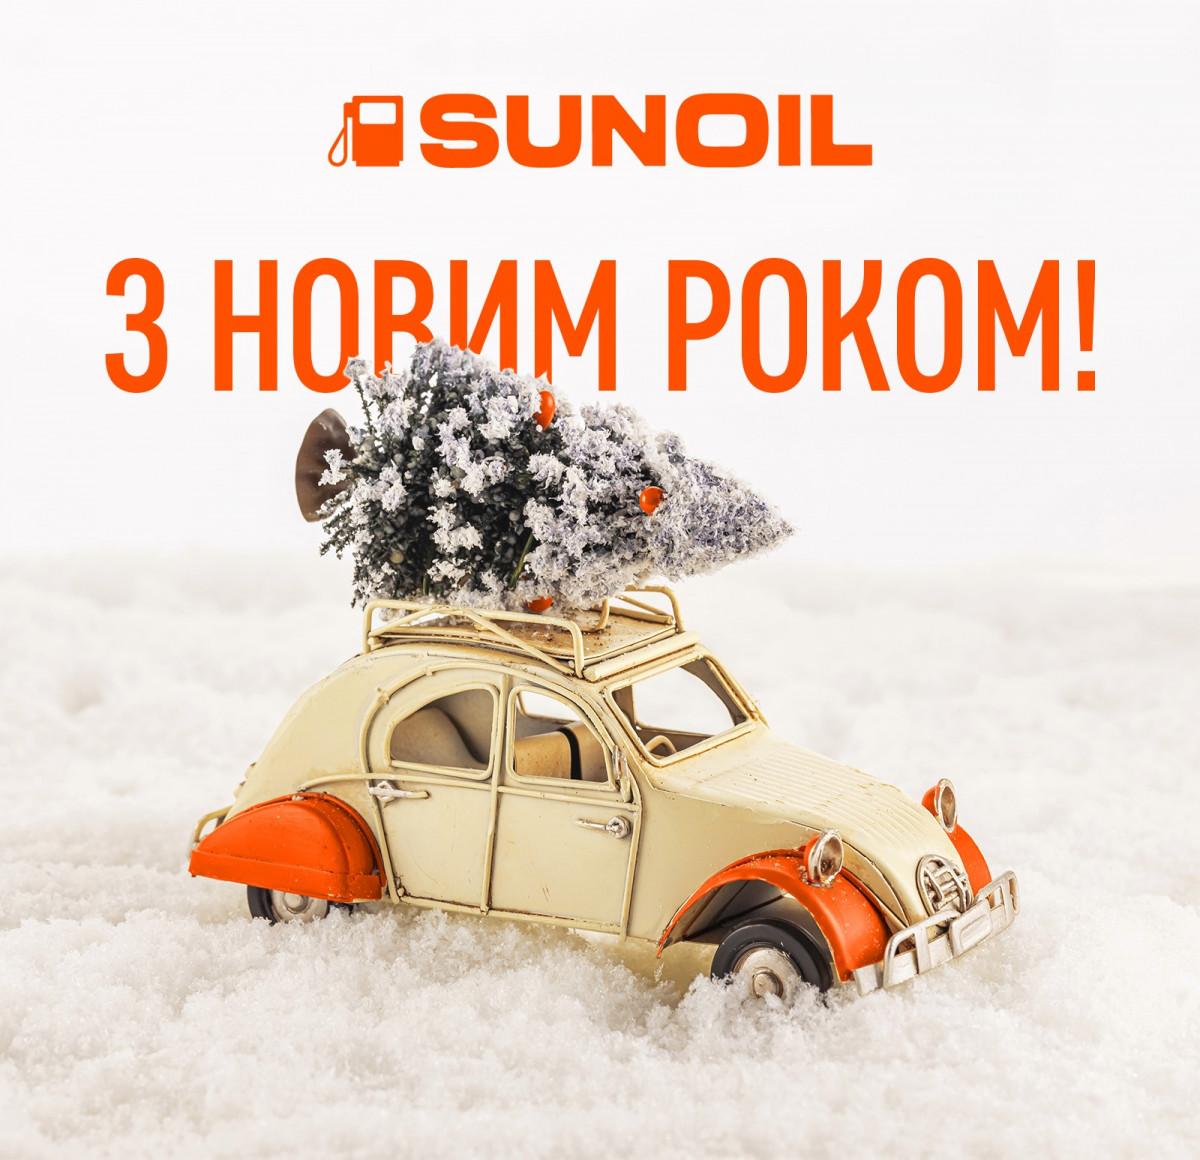 Мережа АЗК SUNOIL вітає всіх Вас з Новим роком!